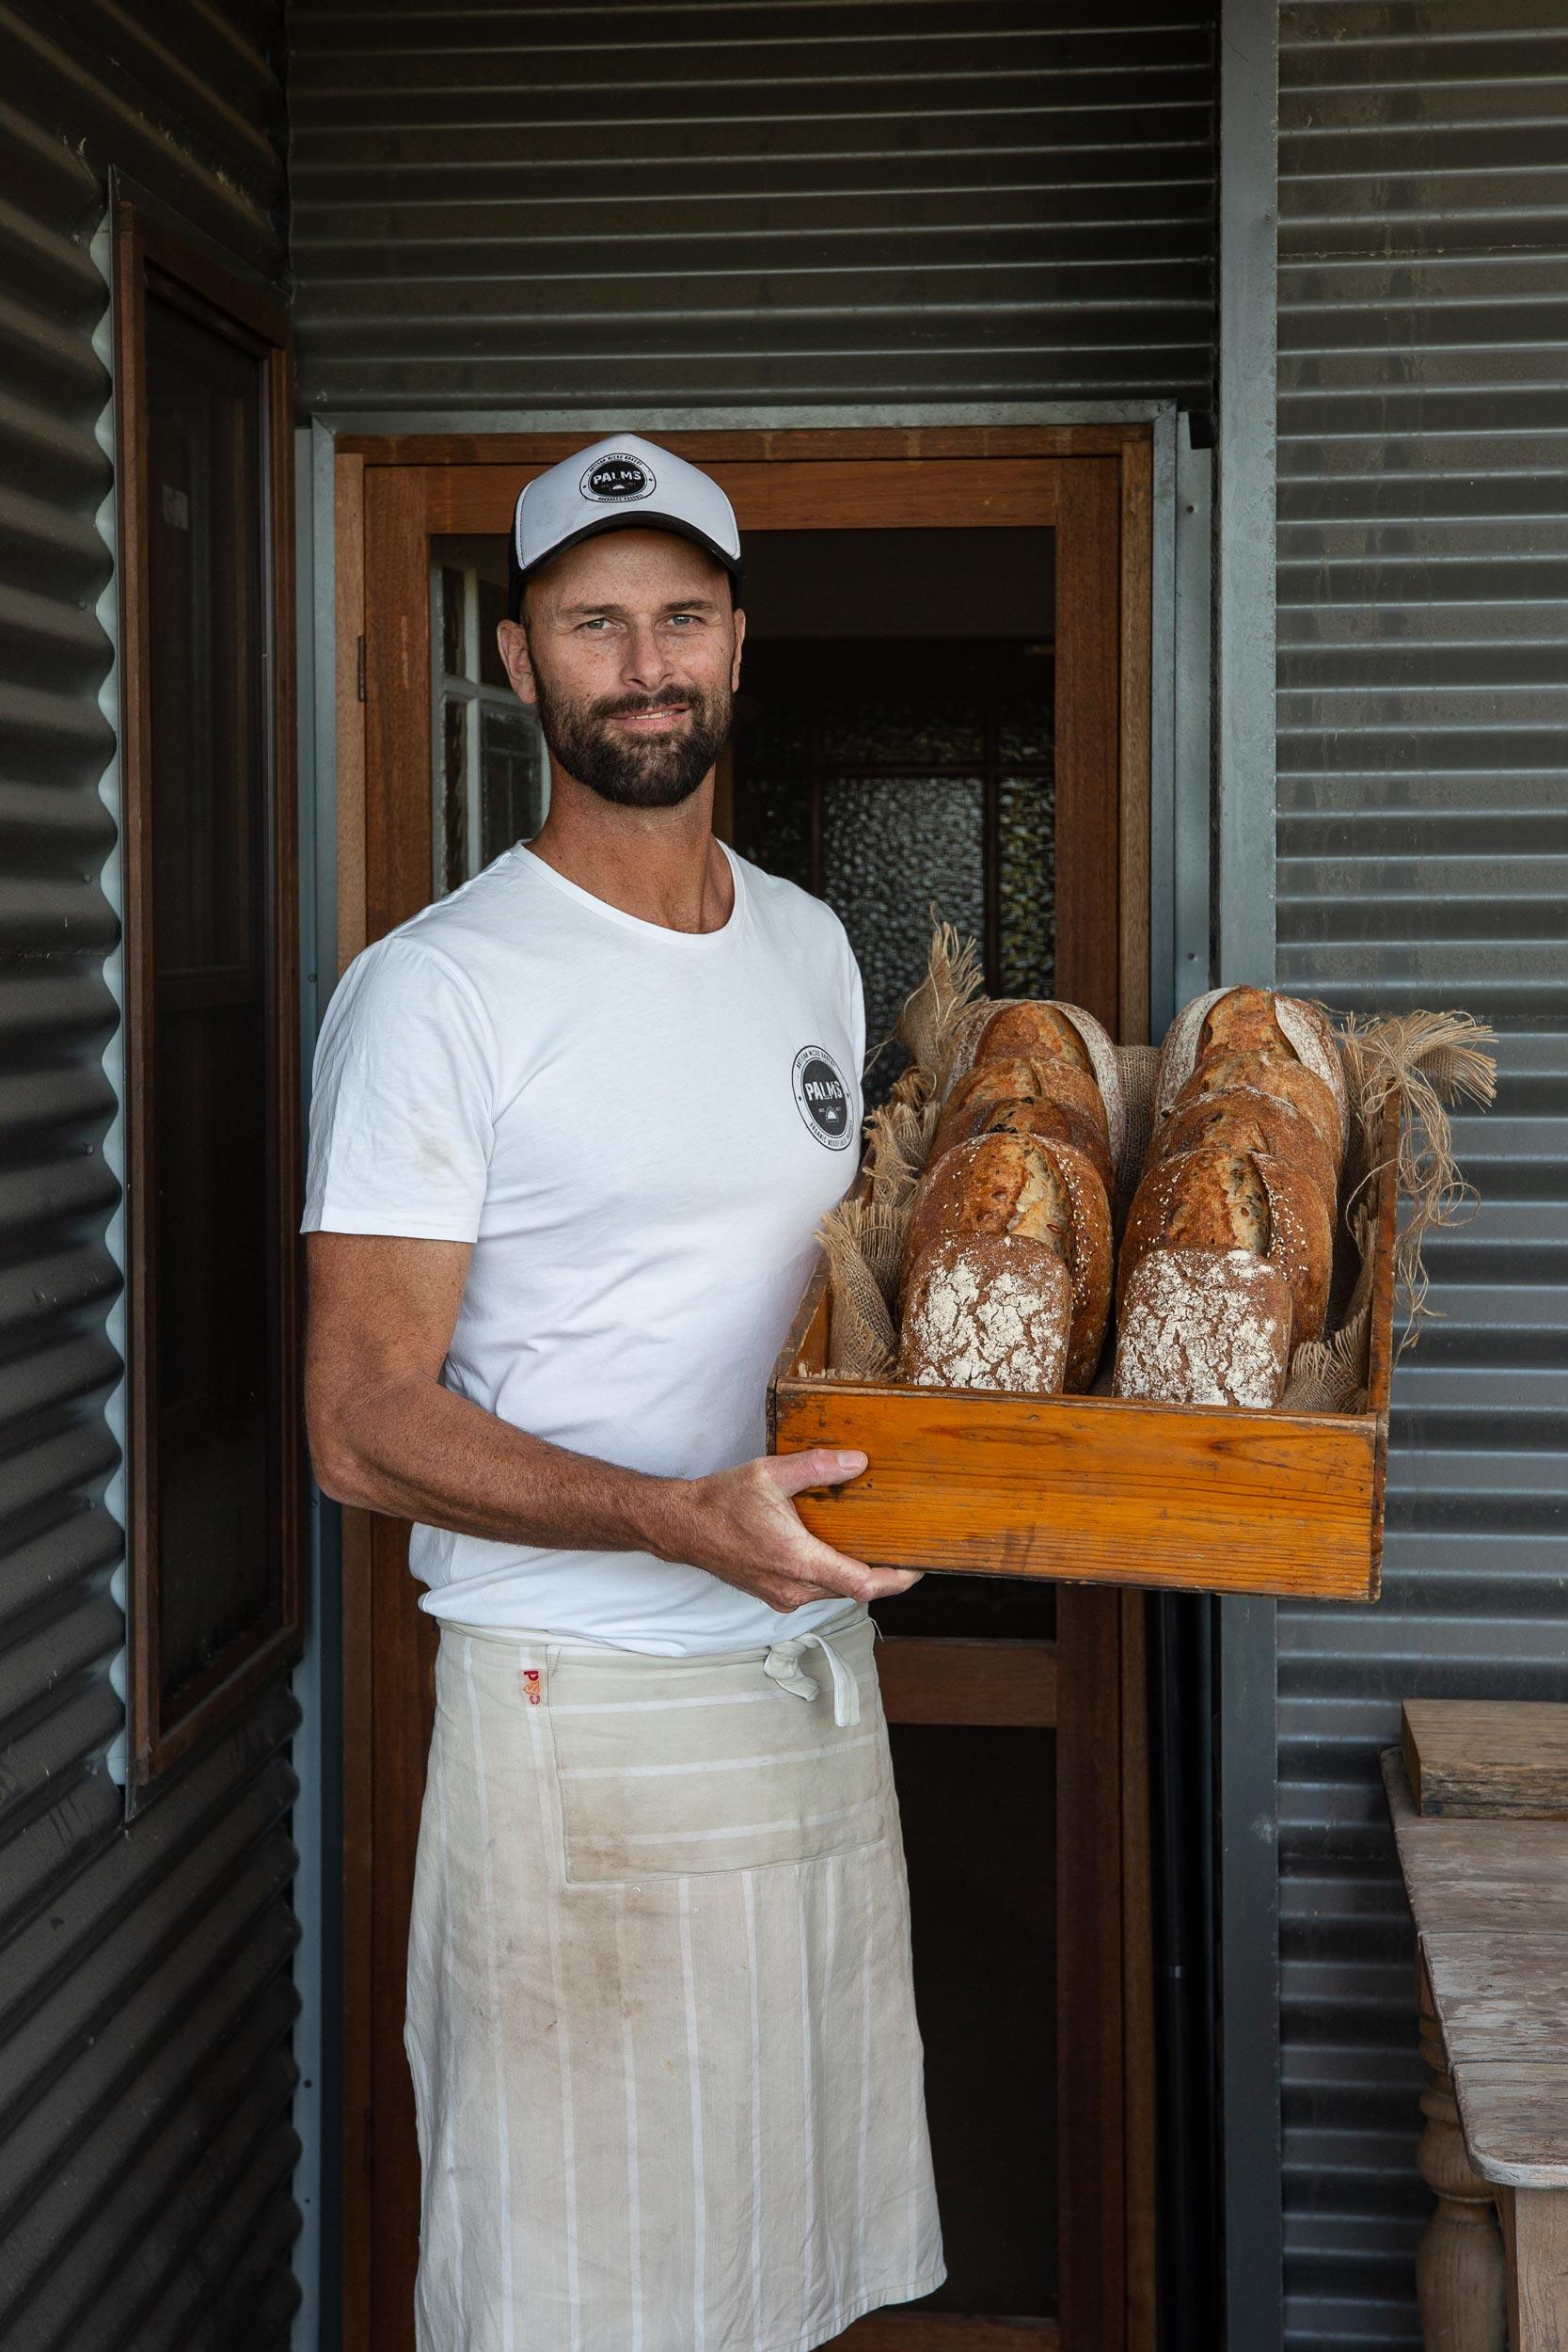 glft-palms-micro-bakery-kieren-webber.jpg